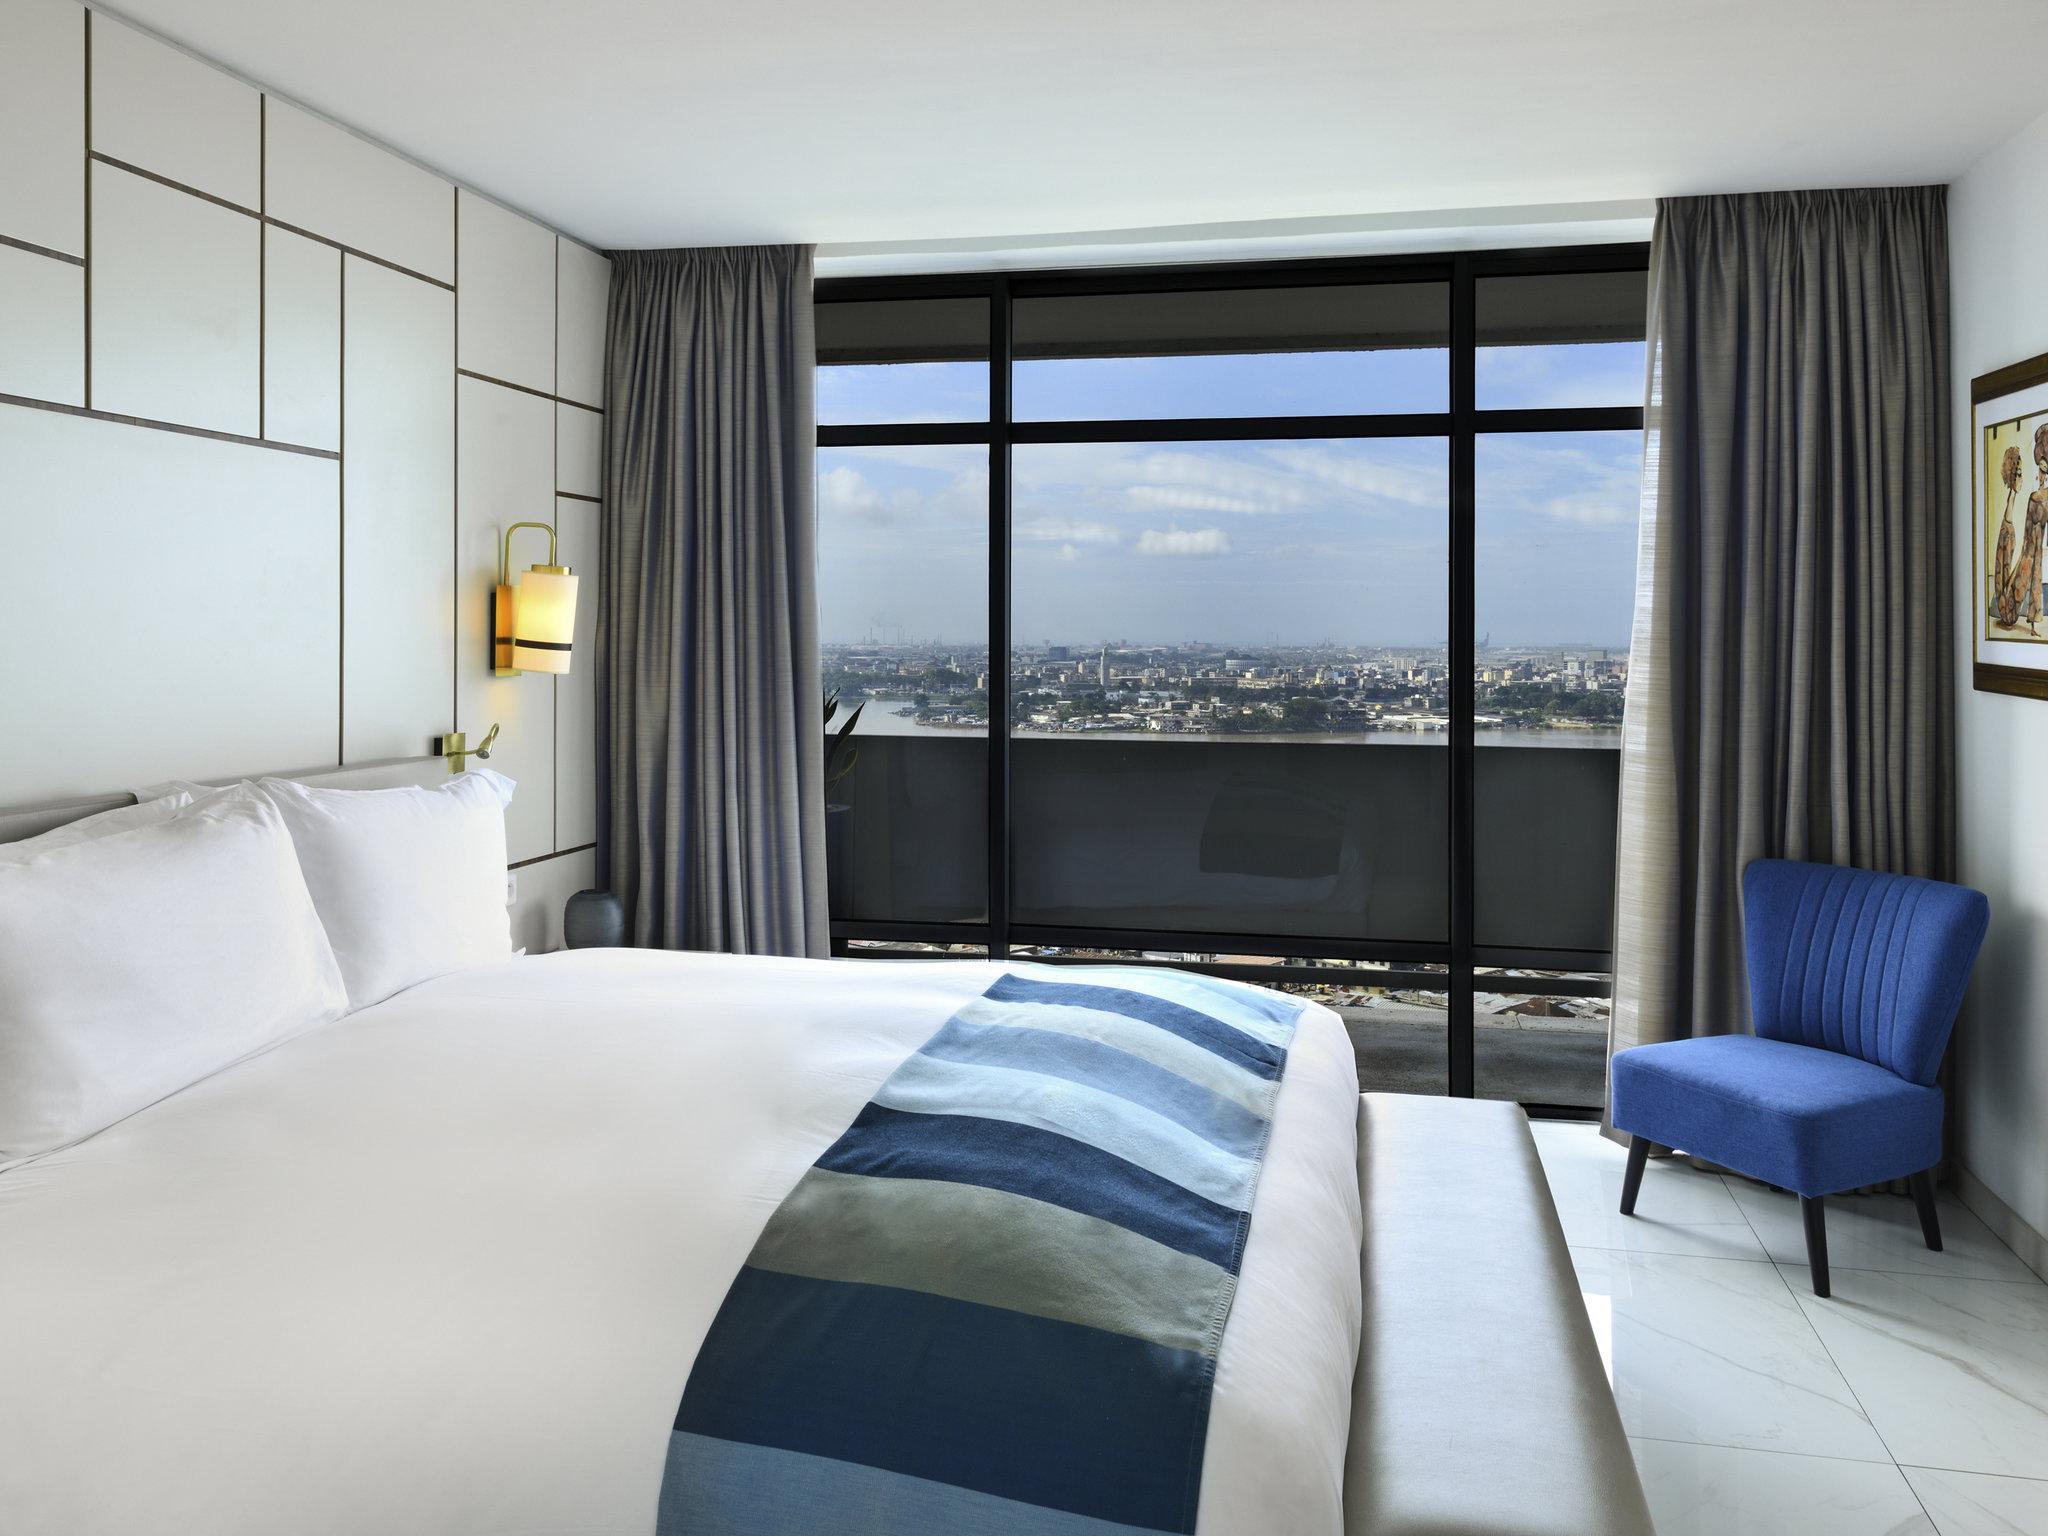 โรงแรม – Sofitel Abidjan Hôtel Ivoire